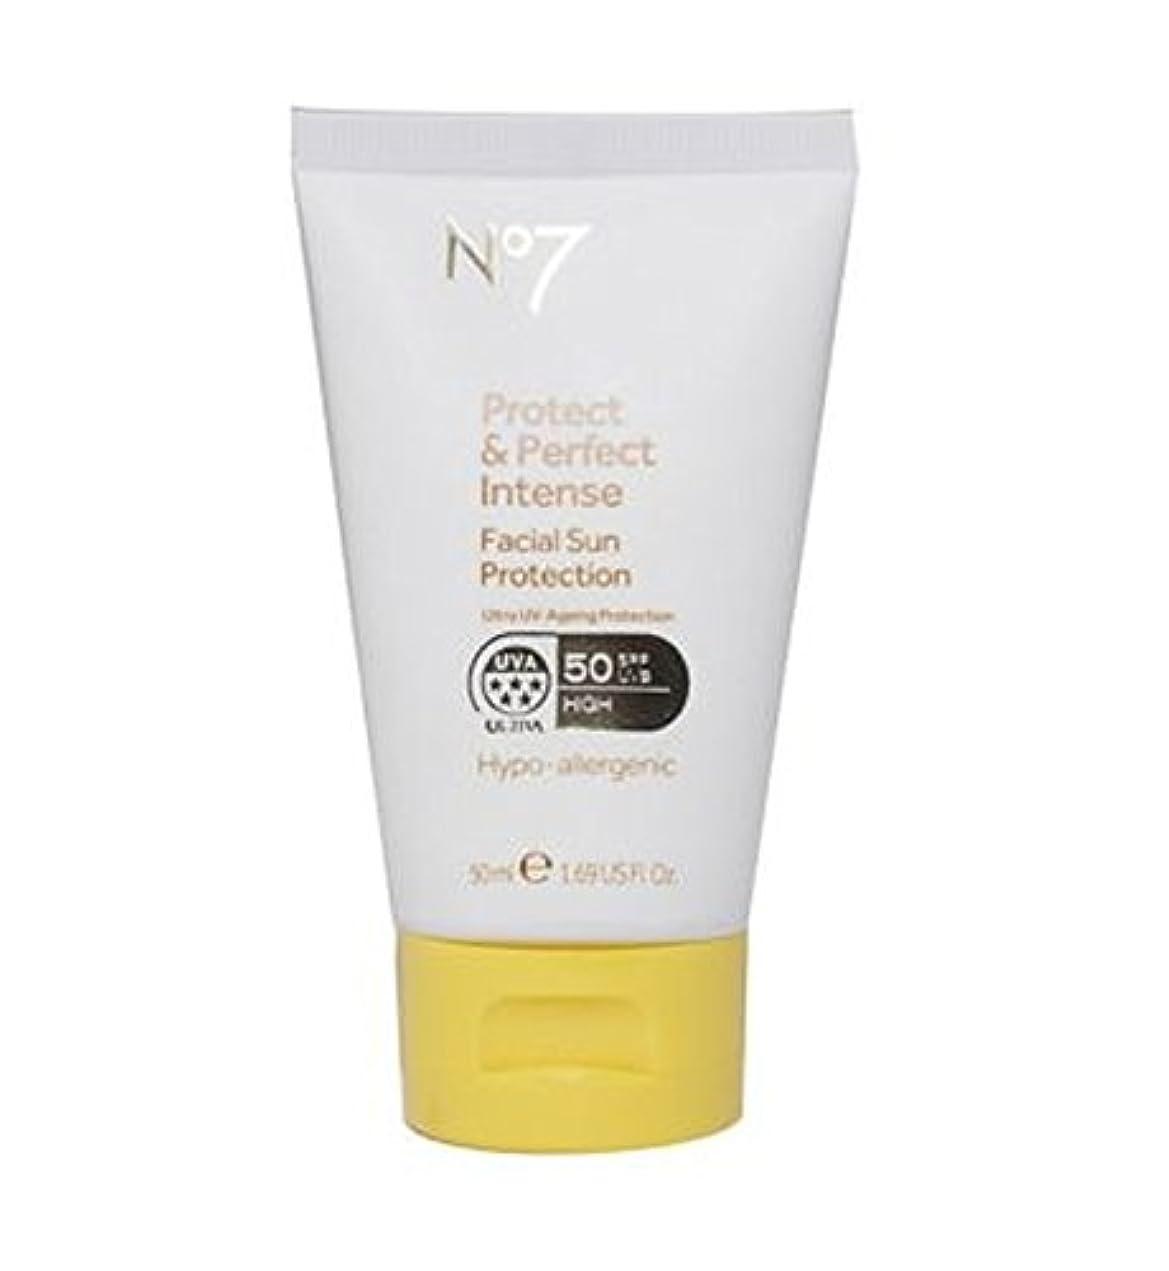 キャップ分析する印象的なNo7 Protect & Perfect Intense Facial Sun Protection SPF 50 50ml - No7保護&完璧な強烈な顔の日焼け防止Spf 50 50ミリリットル (No7) [並行輸入品]